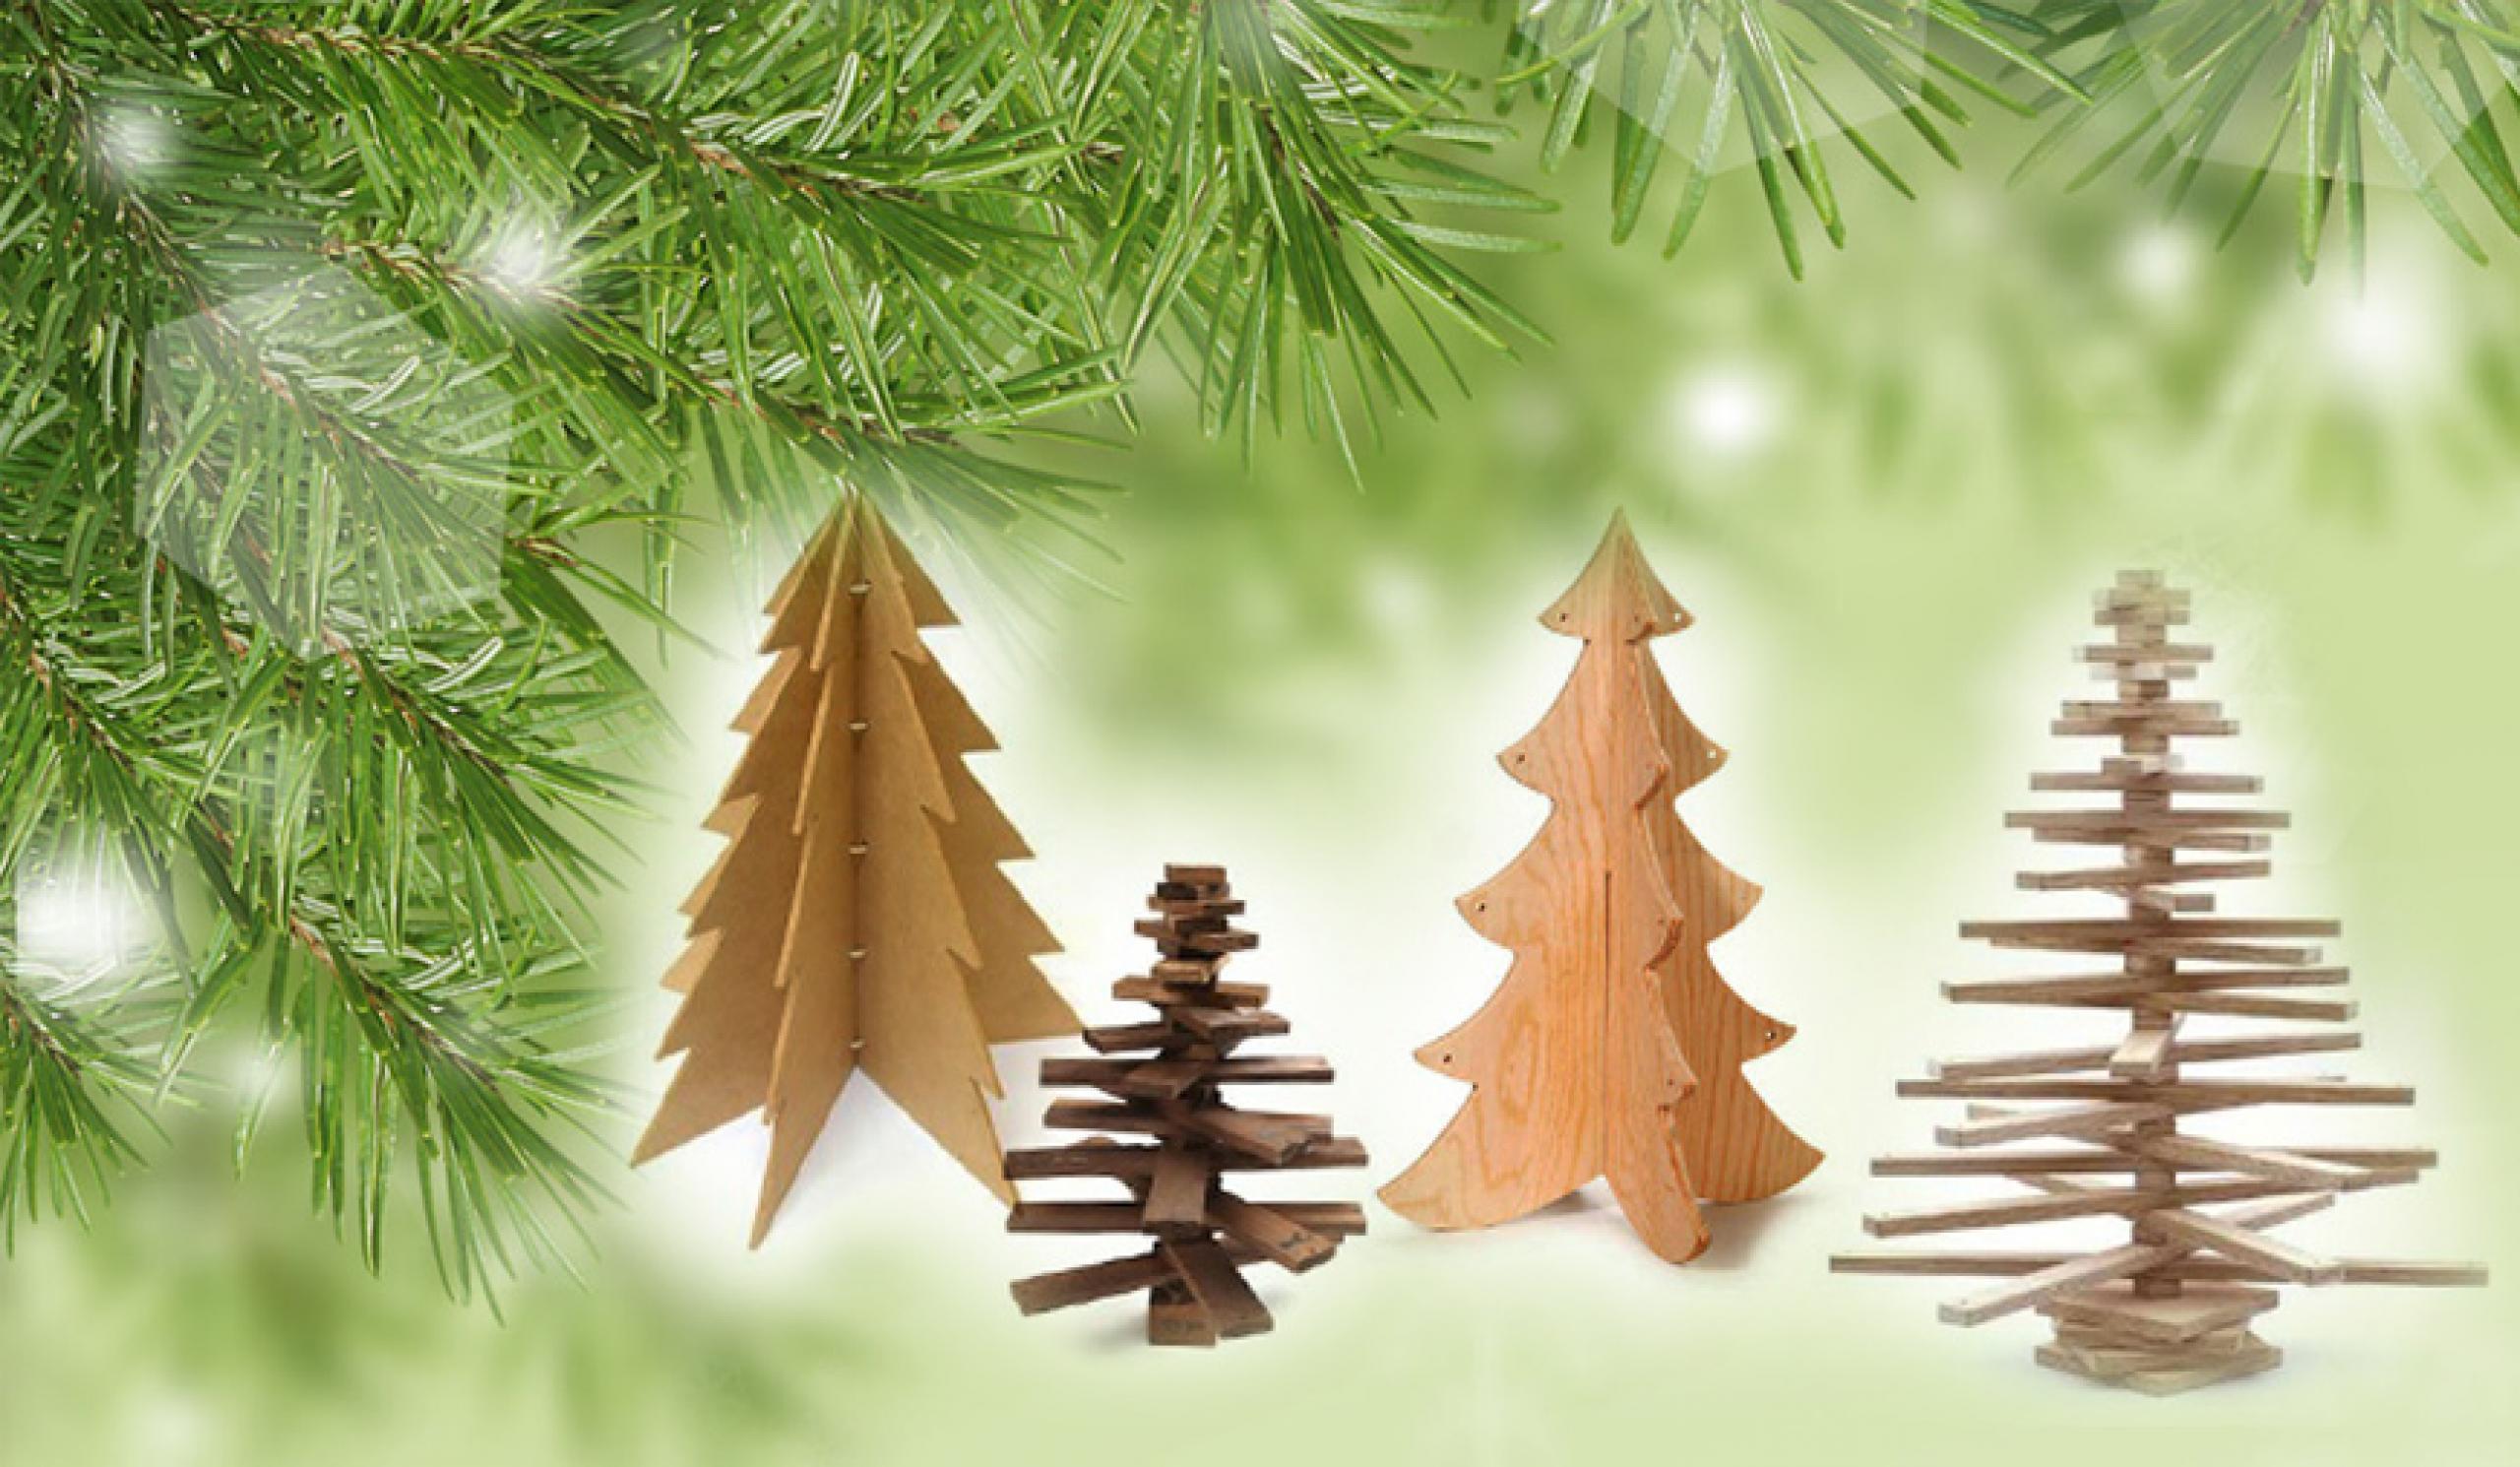 Bygg en julgran av trä